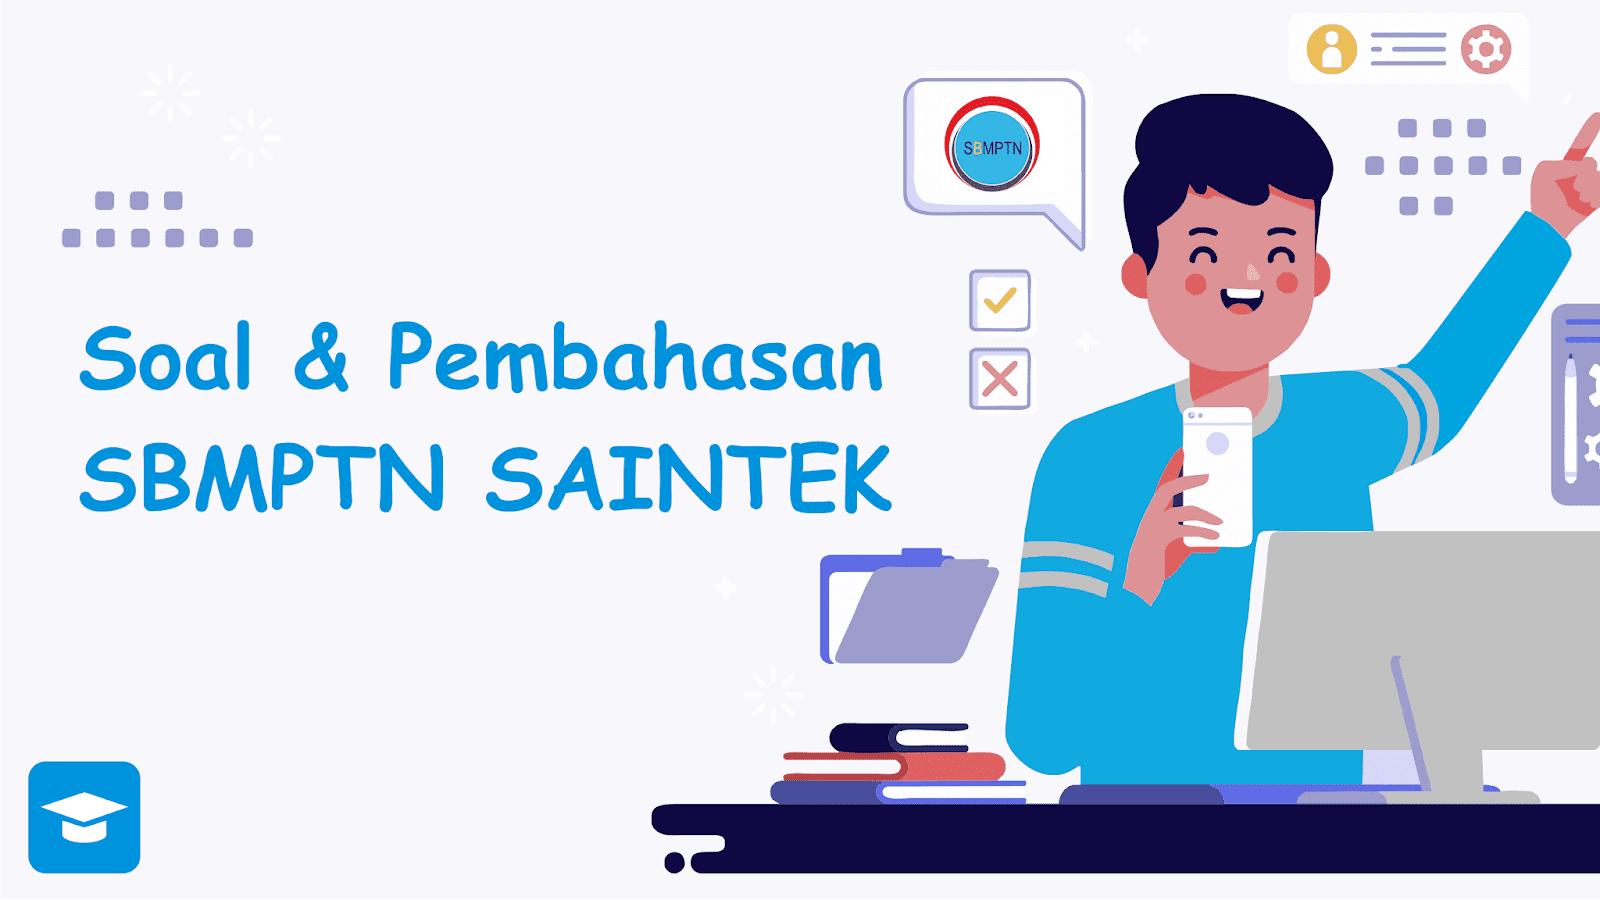 Download soal dan pembahasan SBMPTN SAINTEK